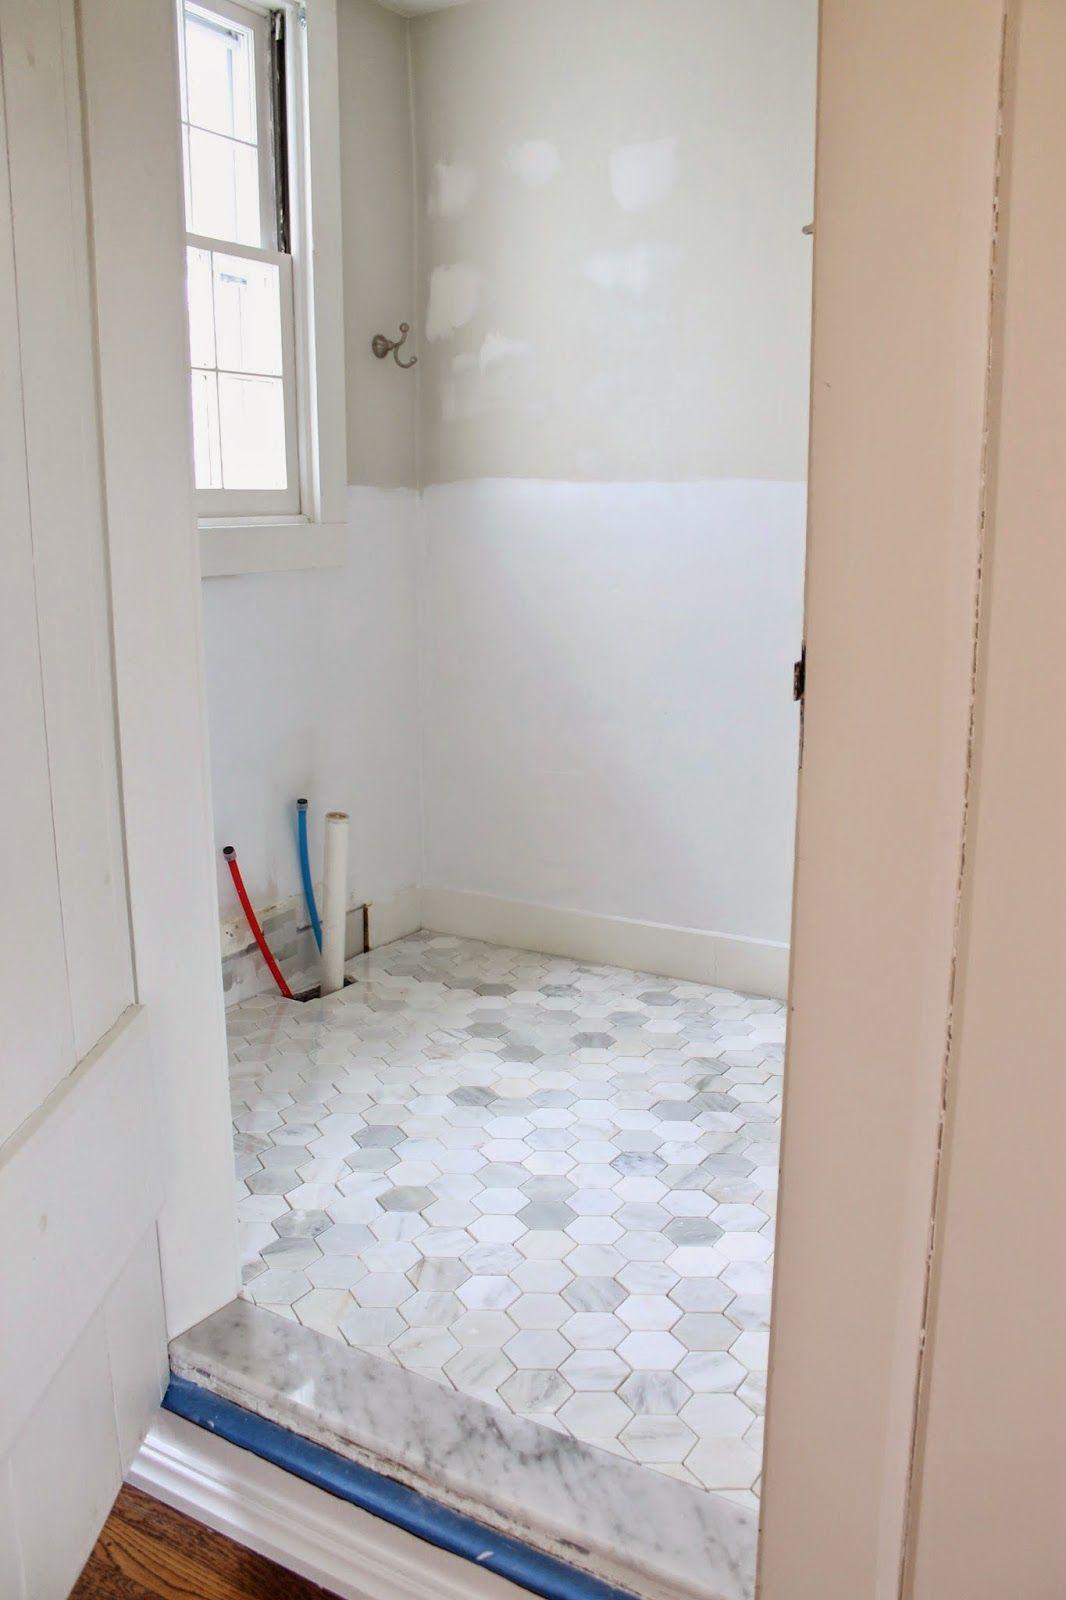 Green tile goes bye bye tiling over existing tile info bathroom green tile goes bye bye tiling over existing tile info dailygadgetfo Choice Image